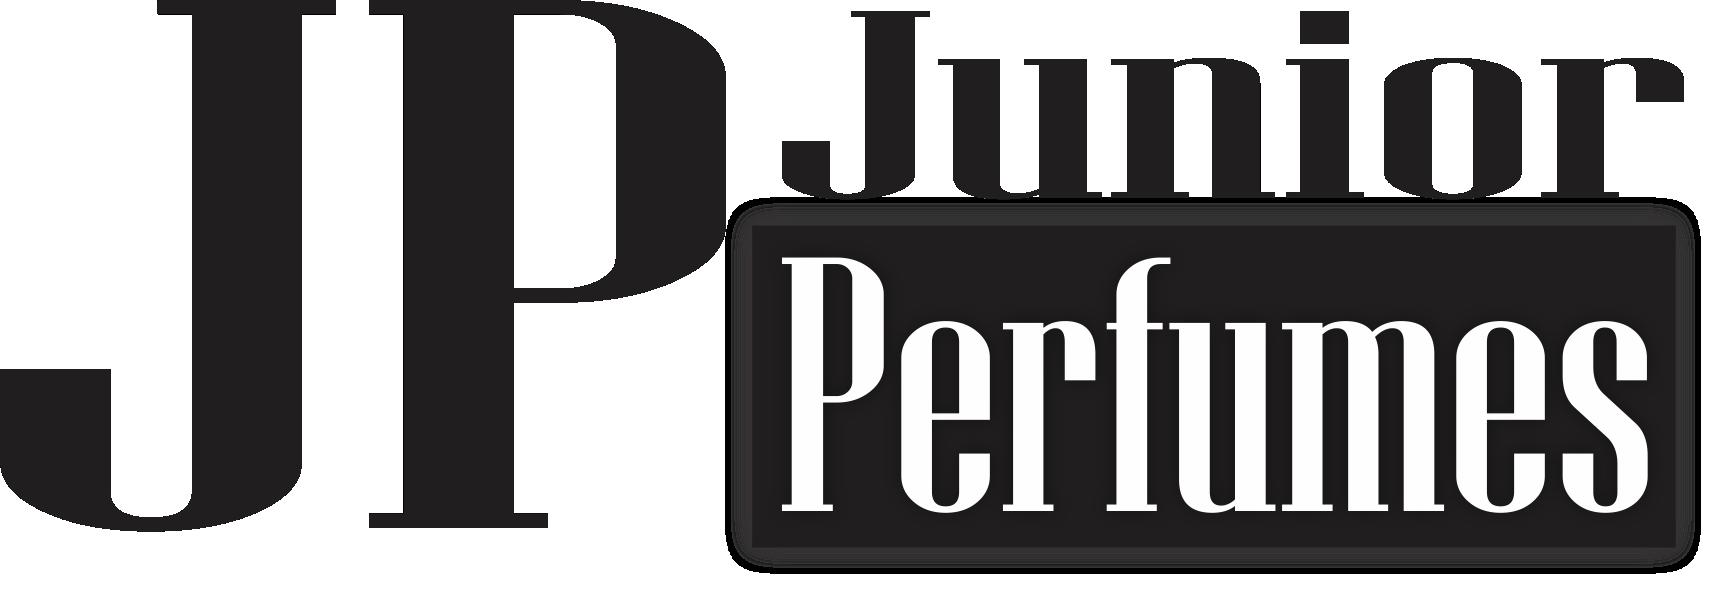 http://juniorperfumesimportados.com.br/wp-content/uploads/2017/02/Logo.png